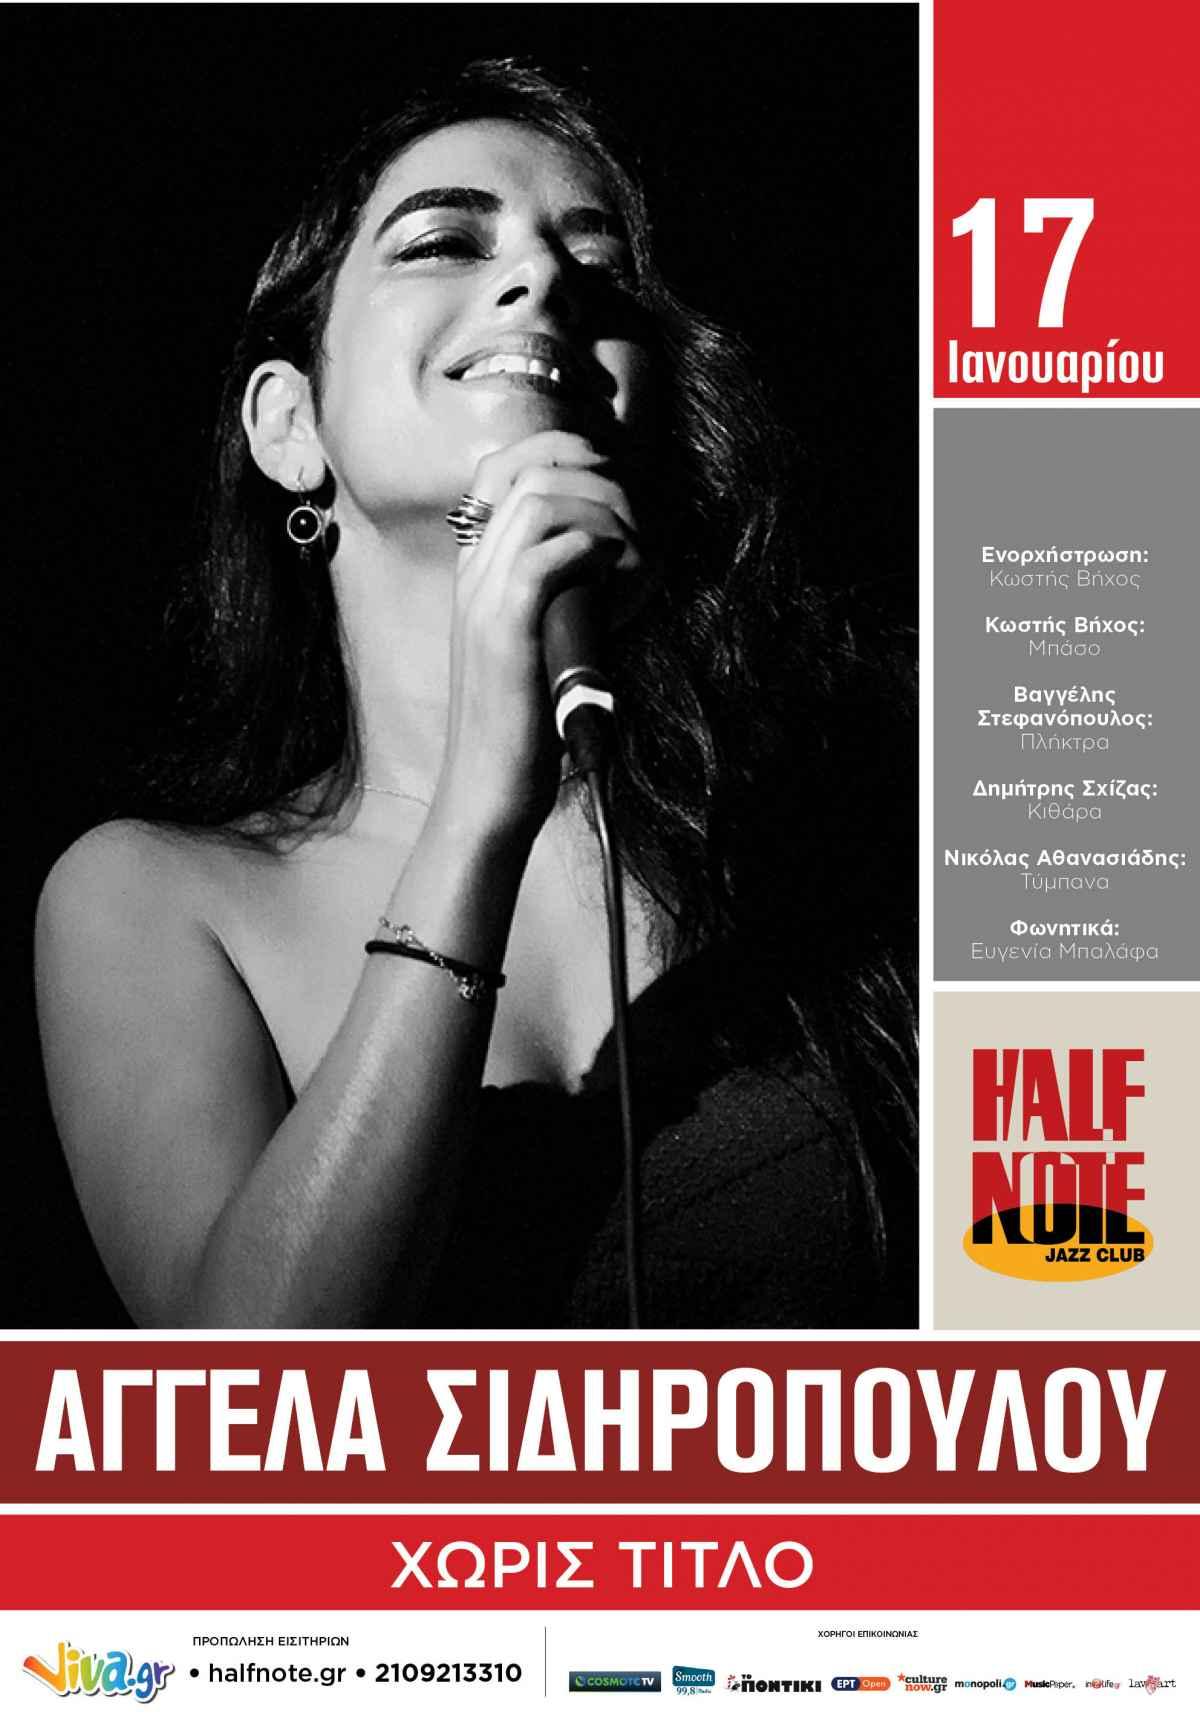 Η Αγγέλα Σιδηροπούλου στο Half Note | Πέμπτη 17 Ιανουαρίου